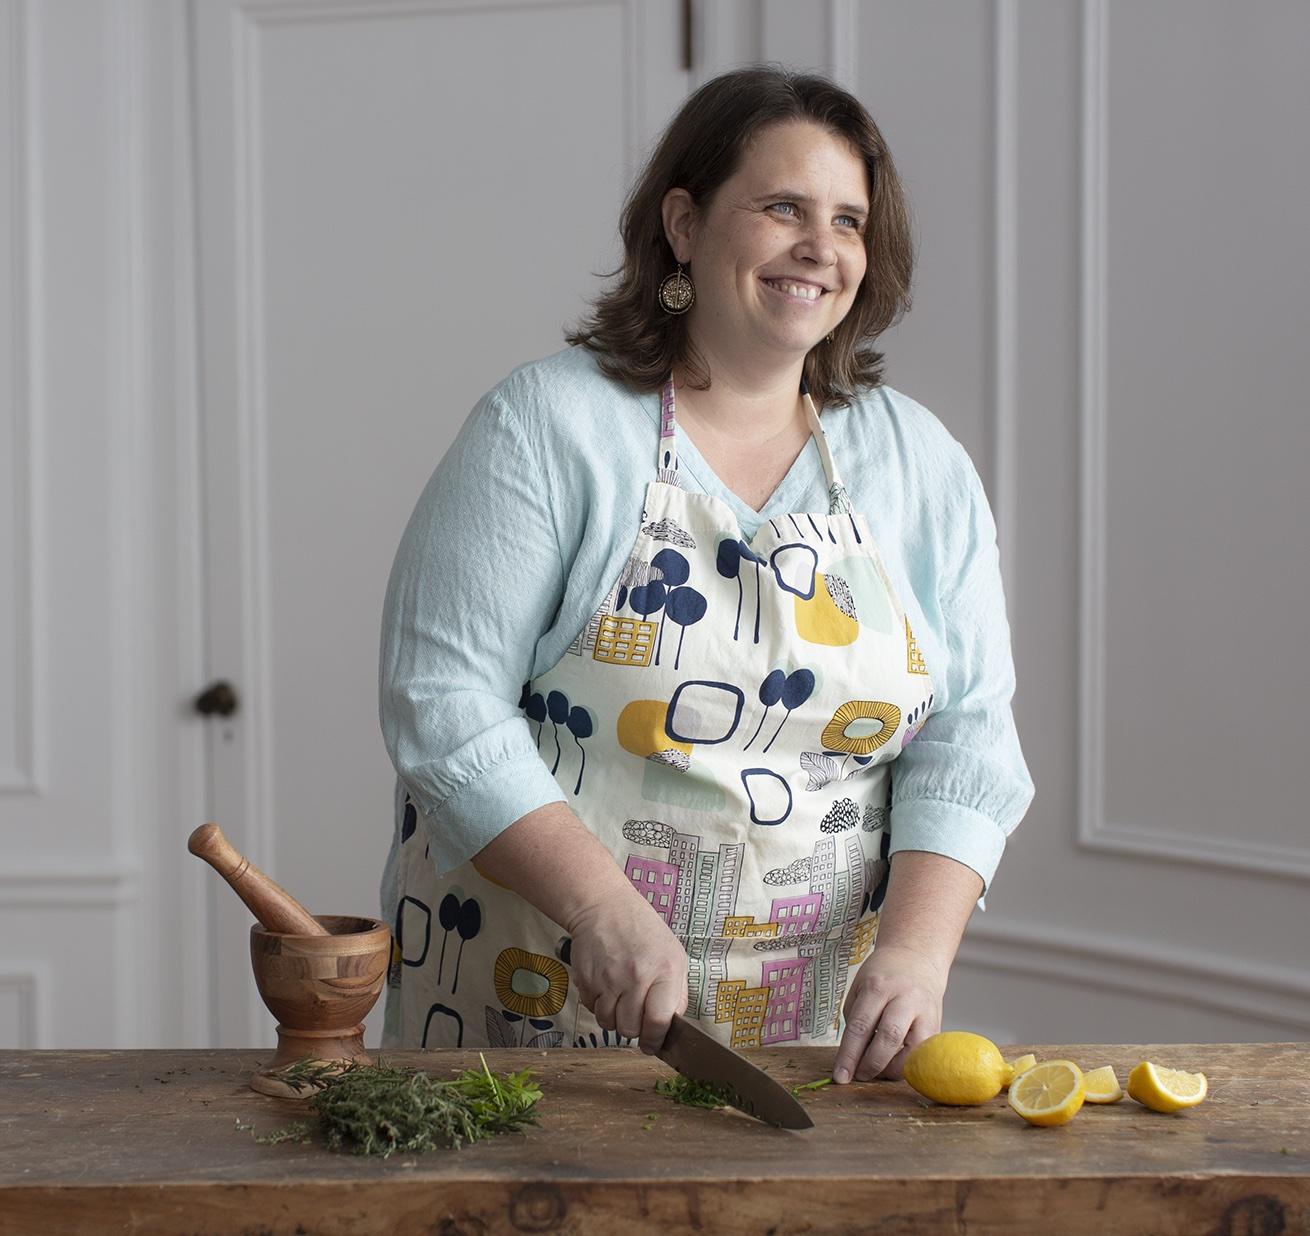 Erin Hammerstedt Cooking-For Web.jpg